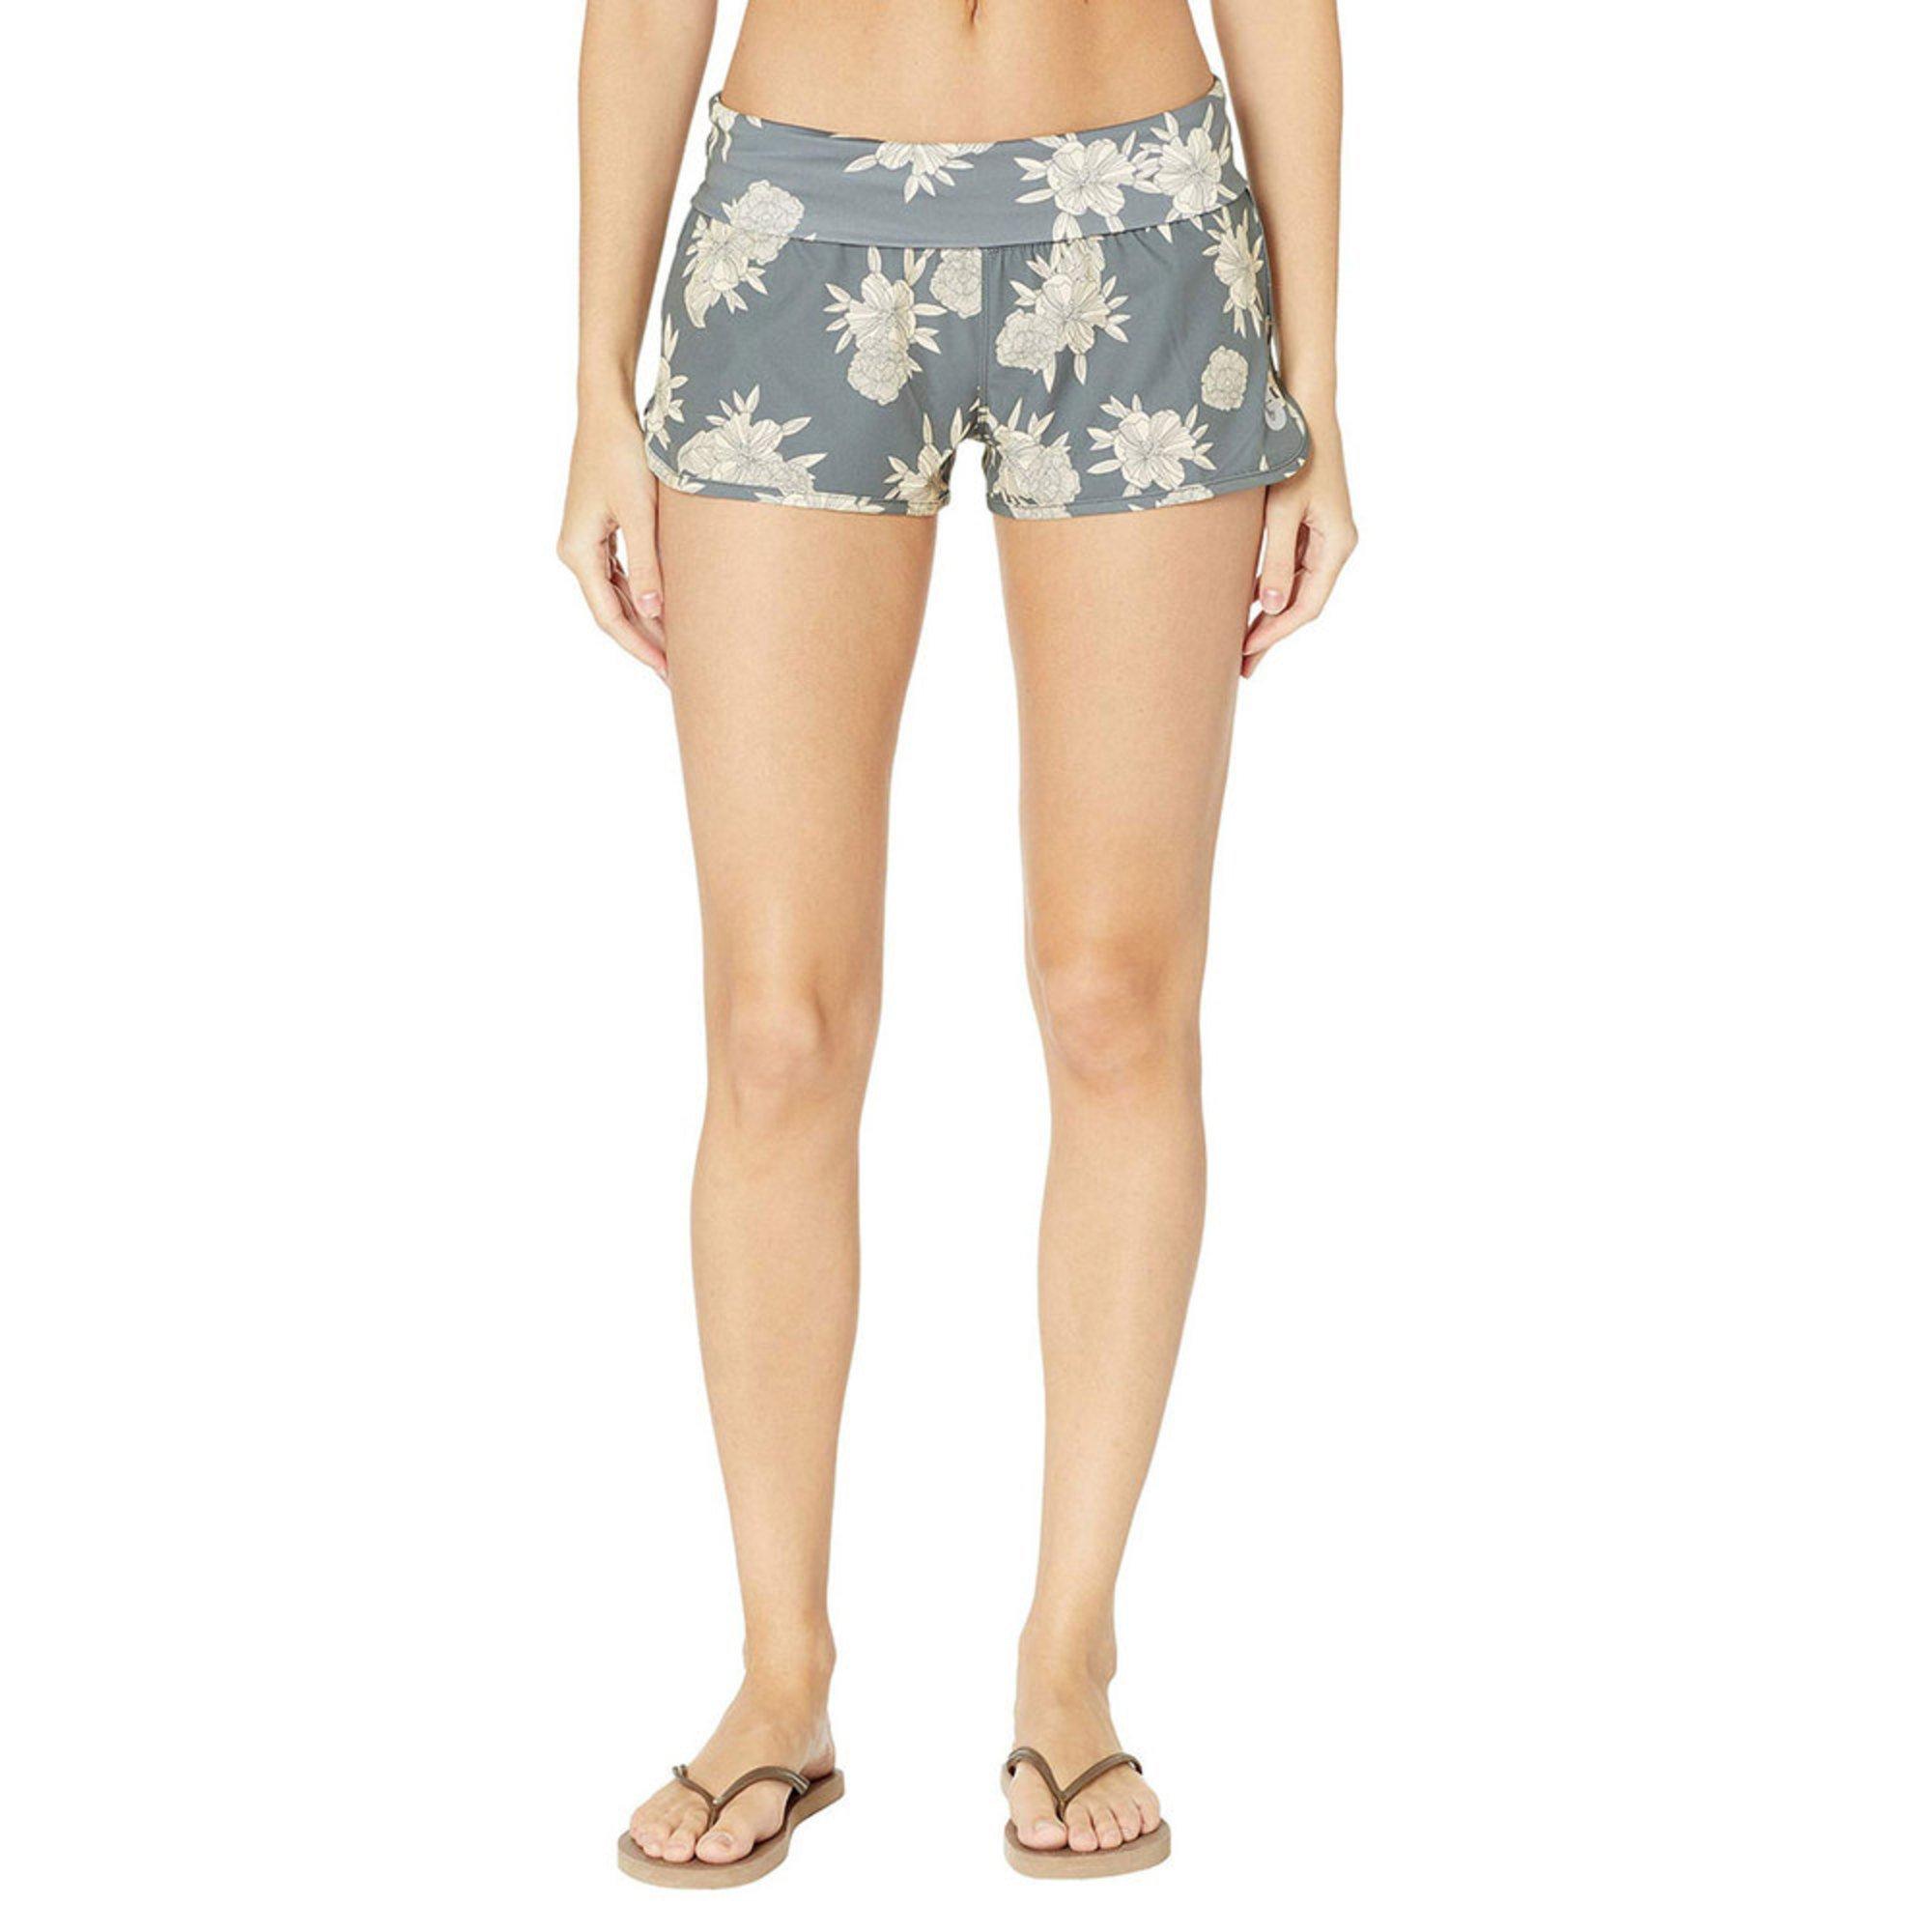 9b0c478f65aeb Roxy Women's Endless Summer Boardshorts | Women's Swimwear | Apparel ...